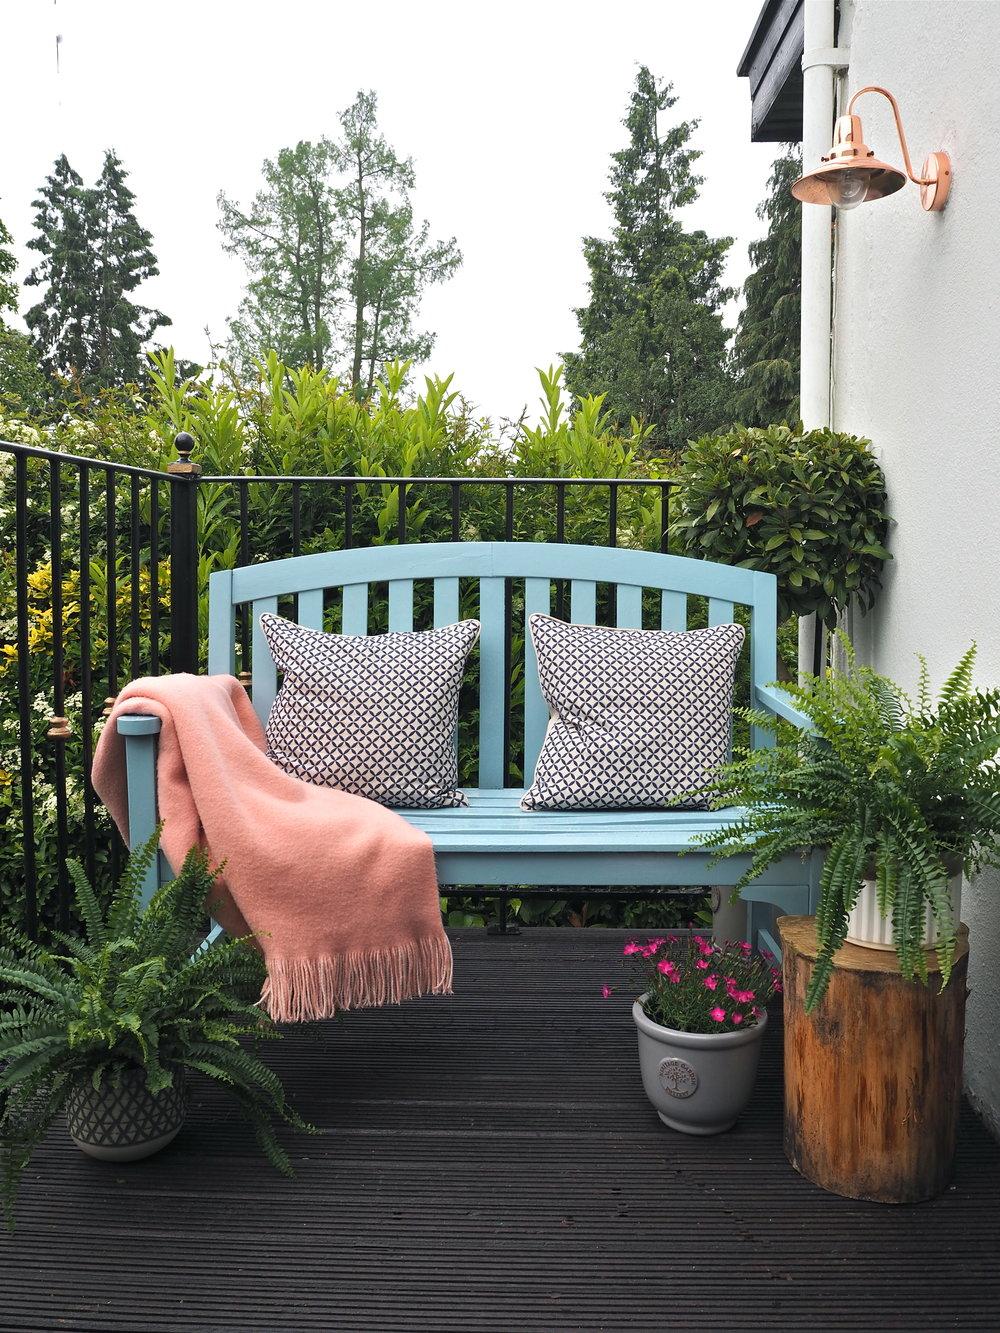 sandtex & sadolin exterior paints